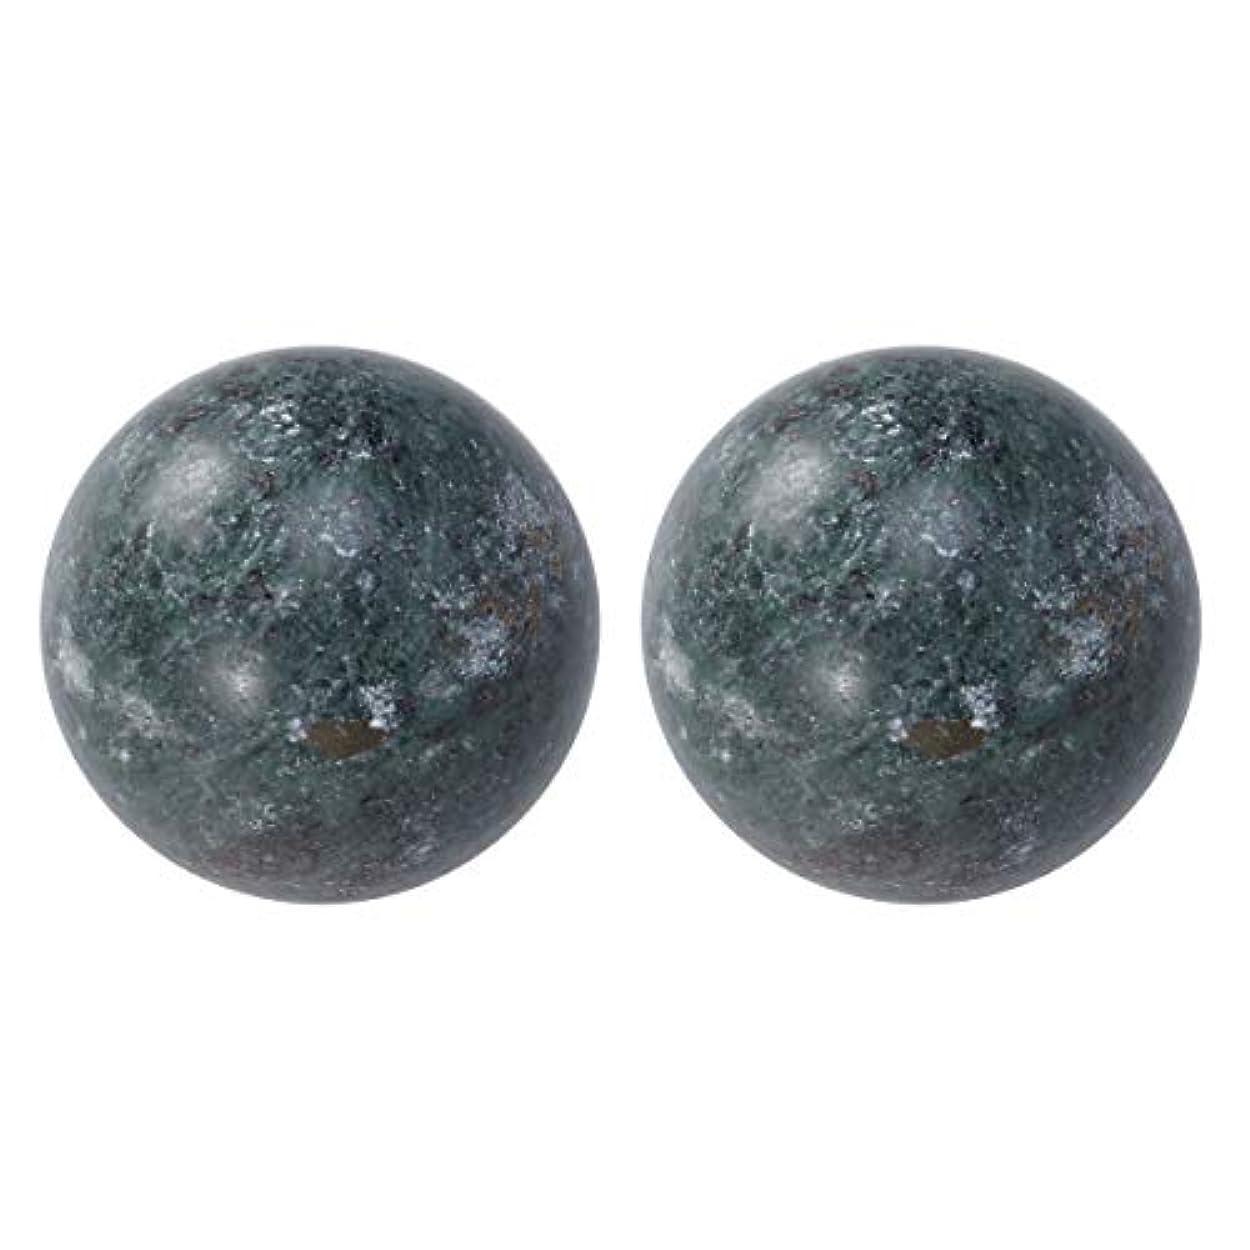 ラッシュ姿を消す爪HEALIFTY 2個の自然の翡翠手球ダークグレー中国の健康運動ボーイングボール老人のためのストレスリリーフ(黒)